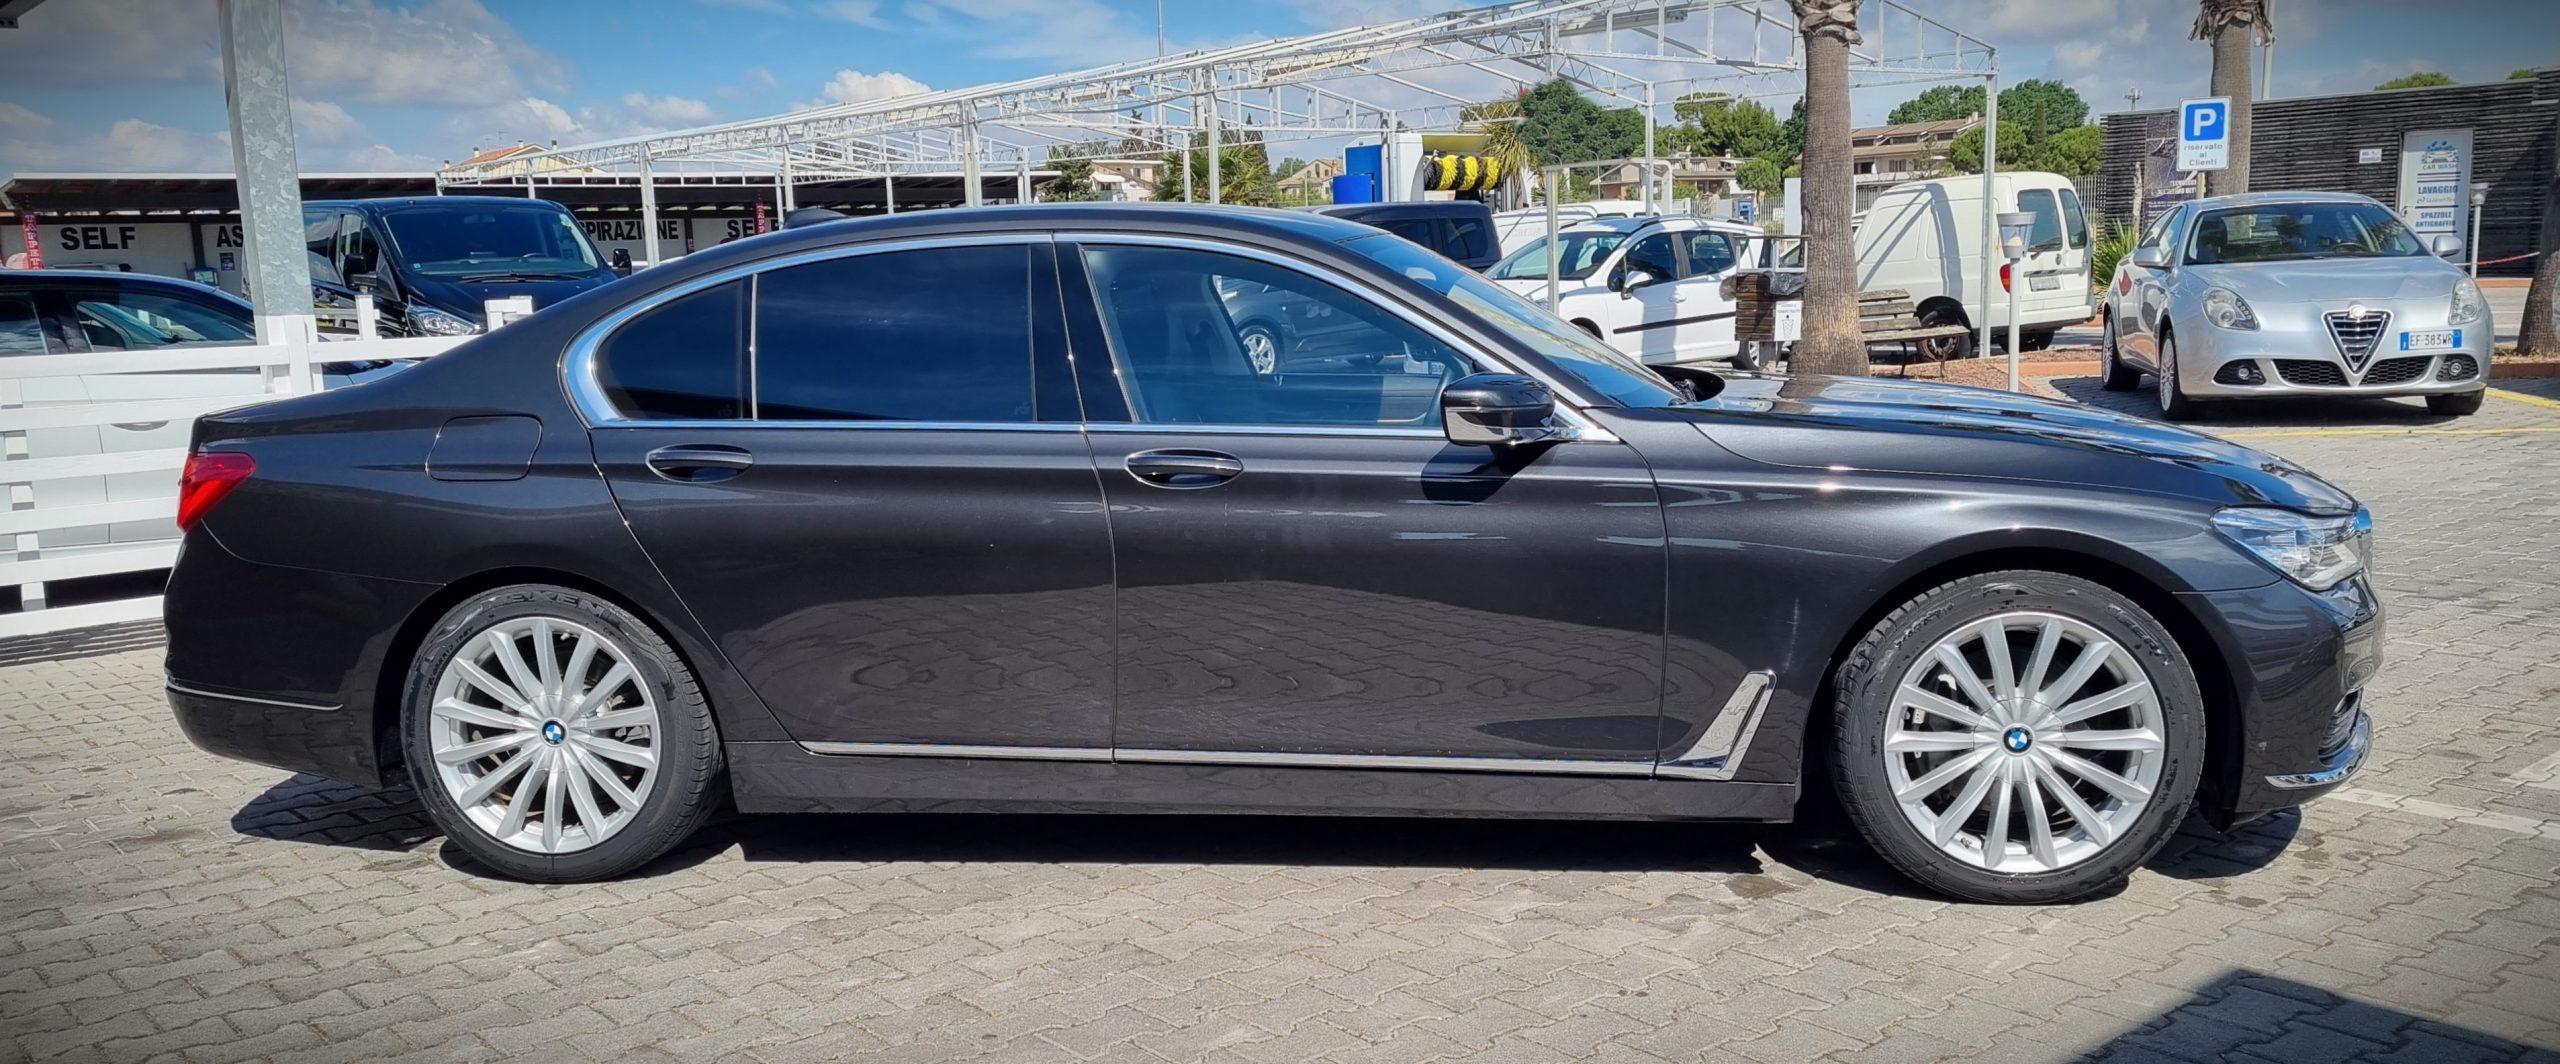 BMW 730 D X-Drive Luxury